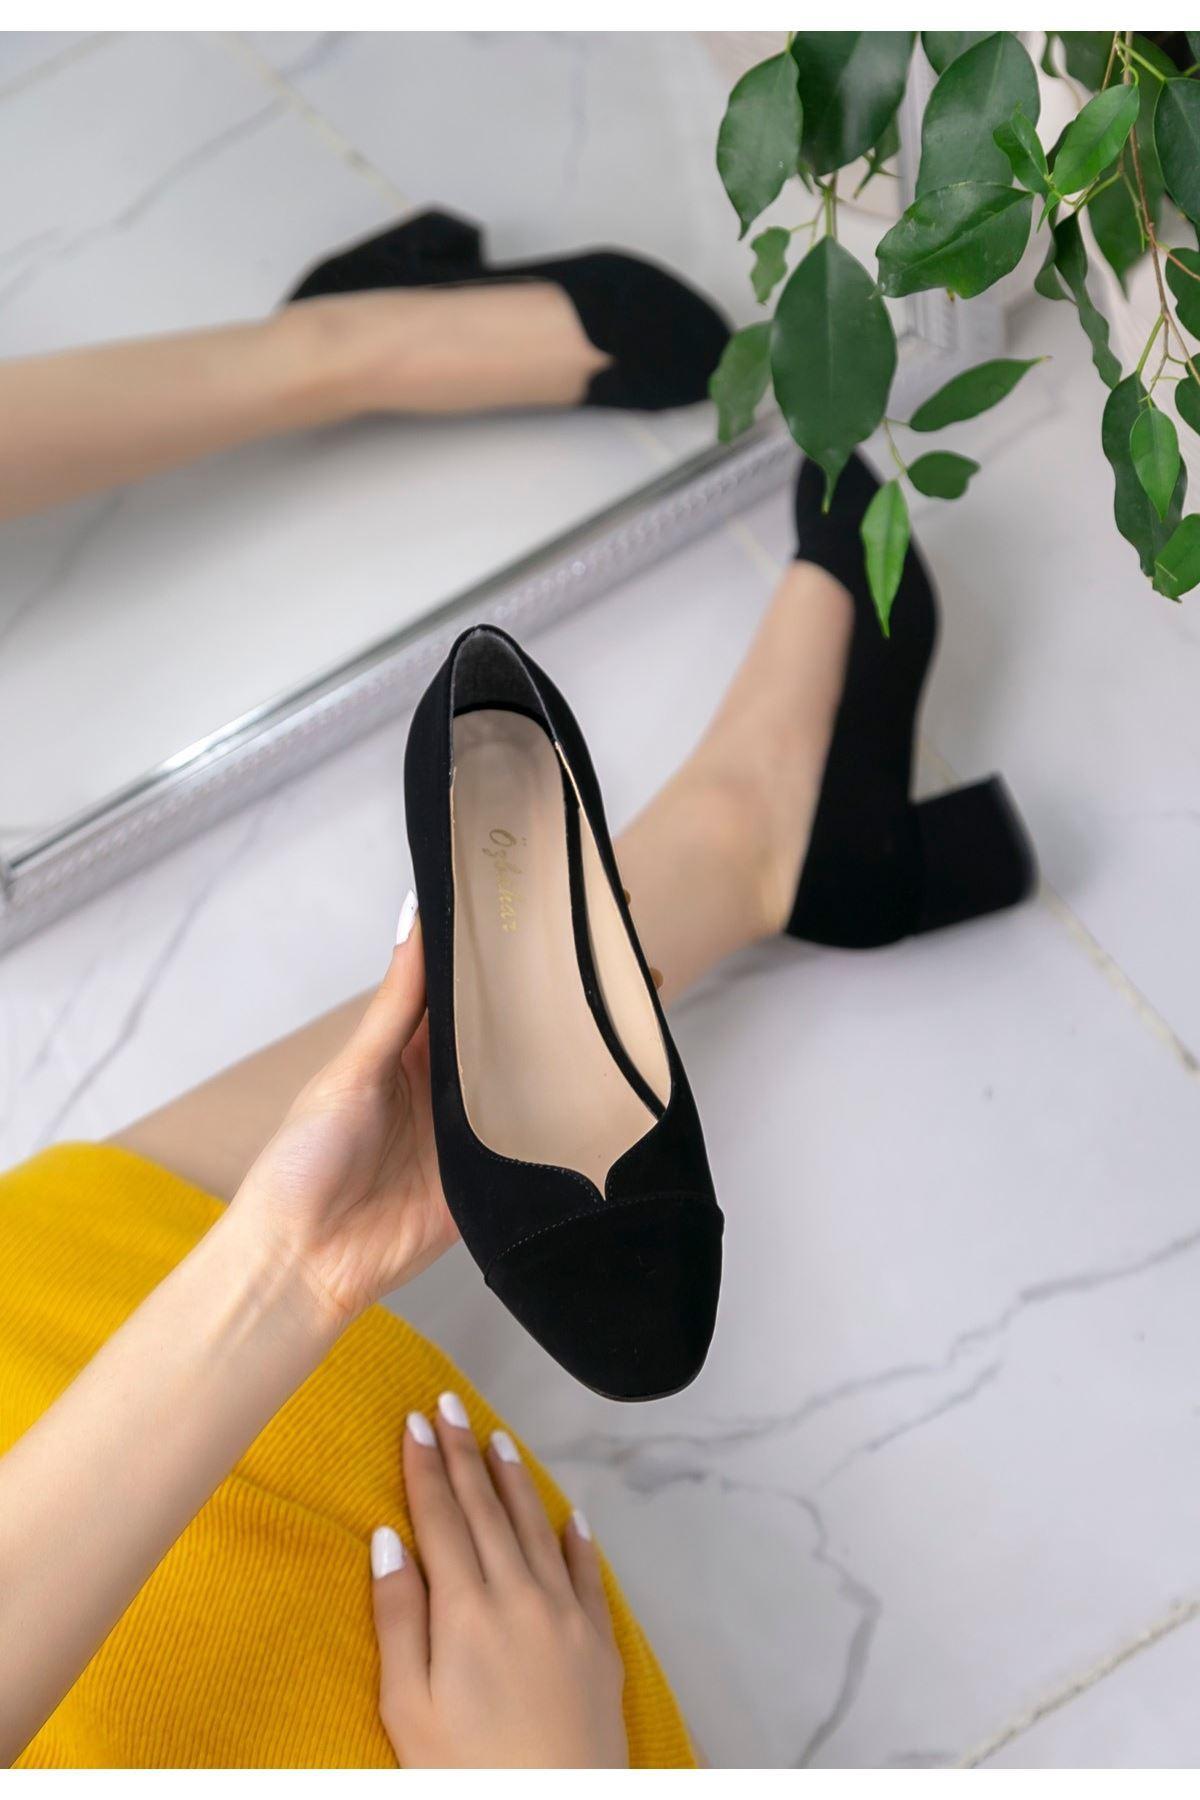 Shana Siyah Süet Topuklu Ayakkabı